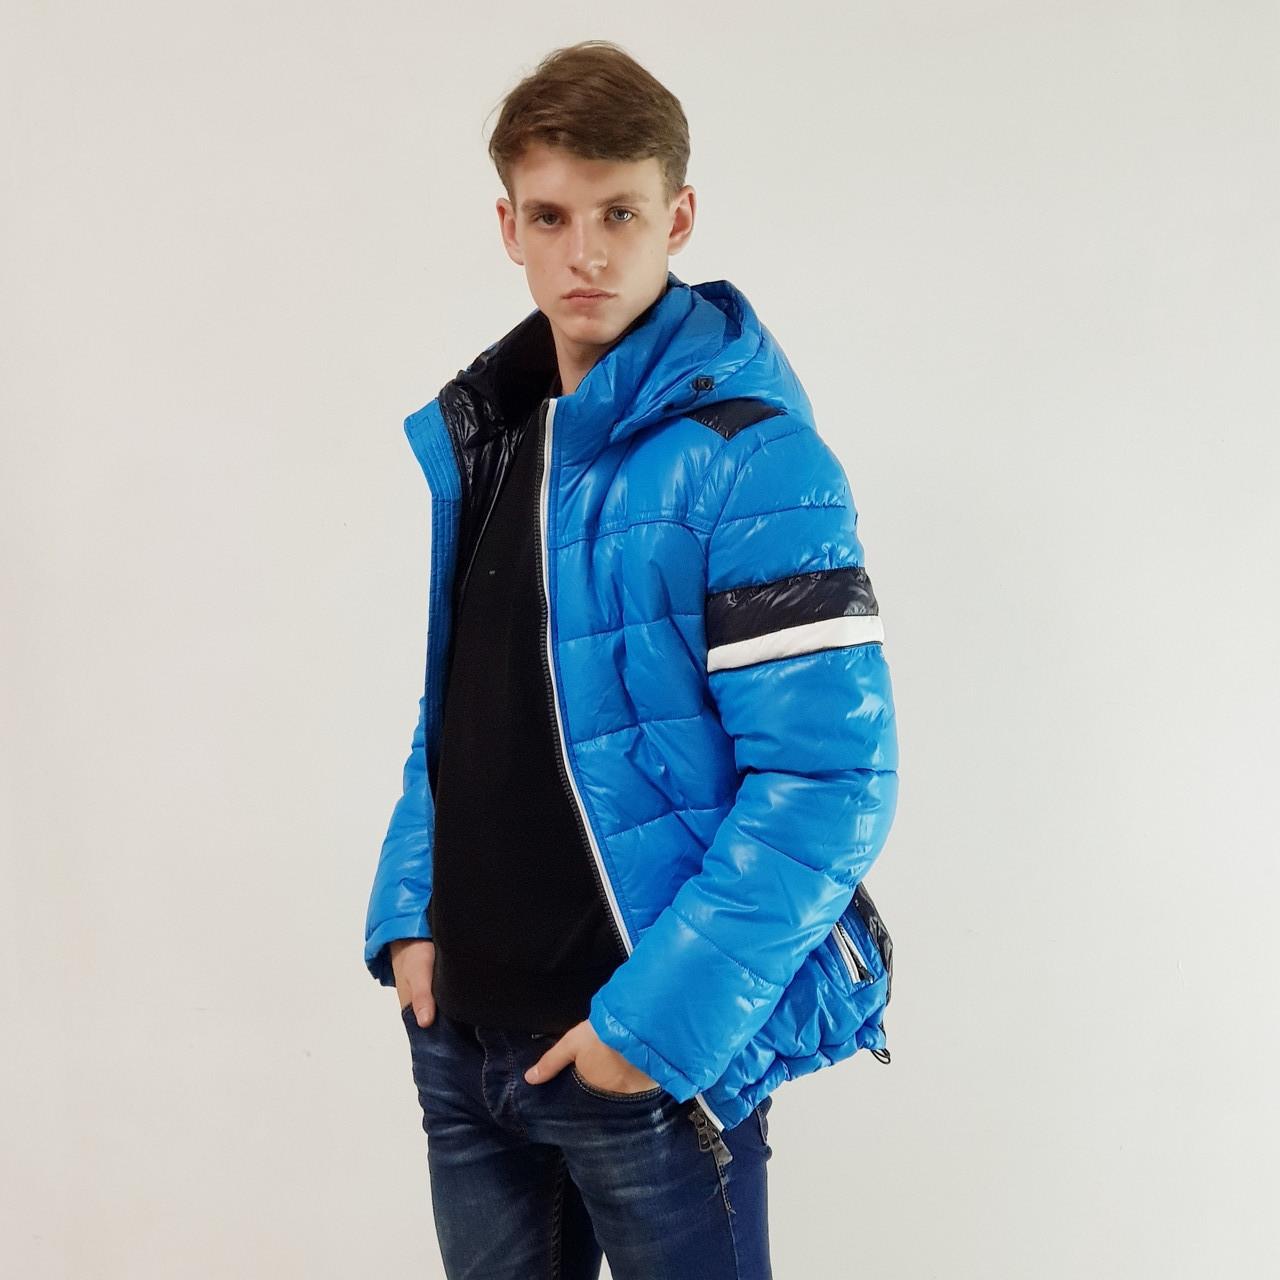 Куртка мужская зимняя Snowimage с капюшоном 52 голубой 132-3341